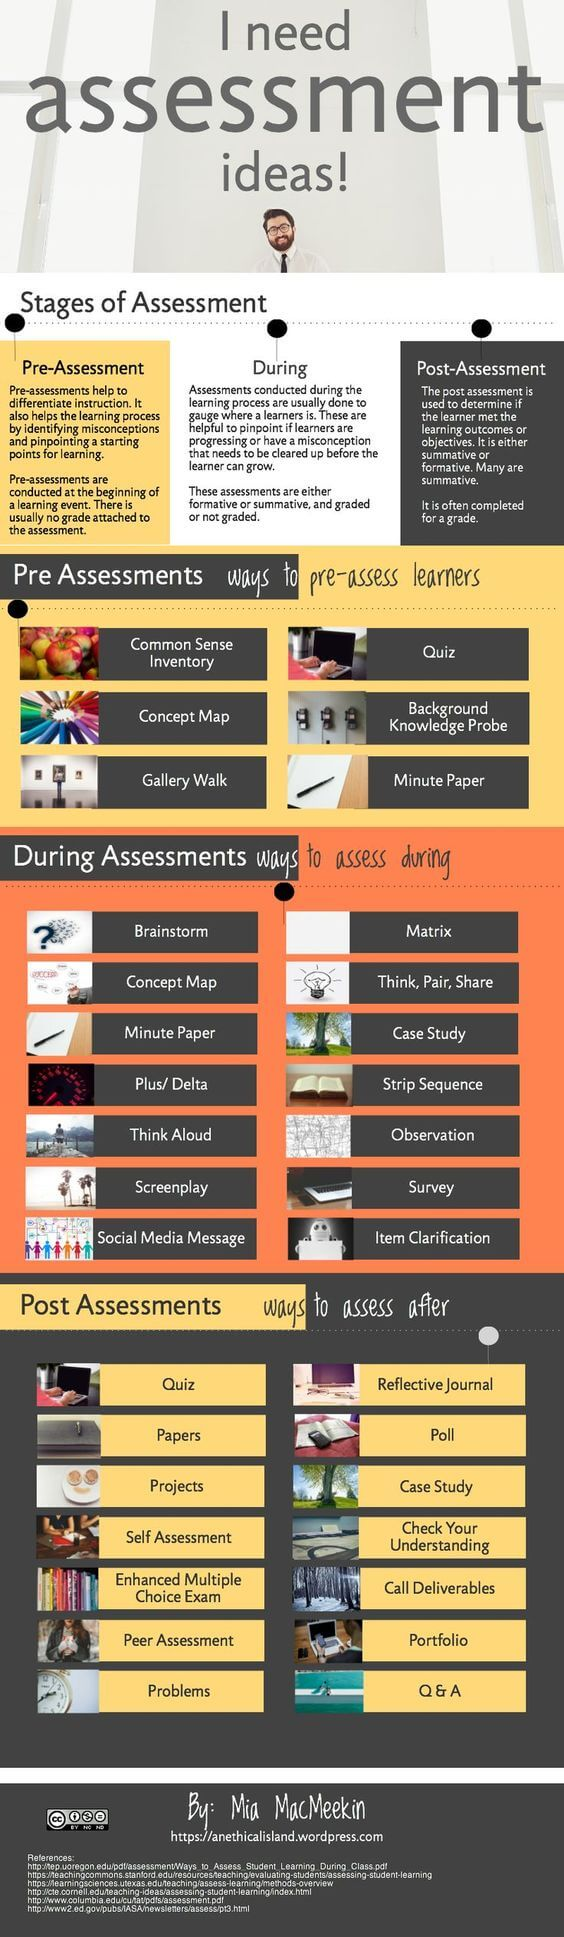 assessmentideas